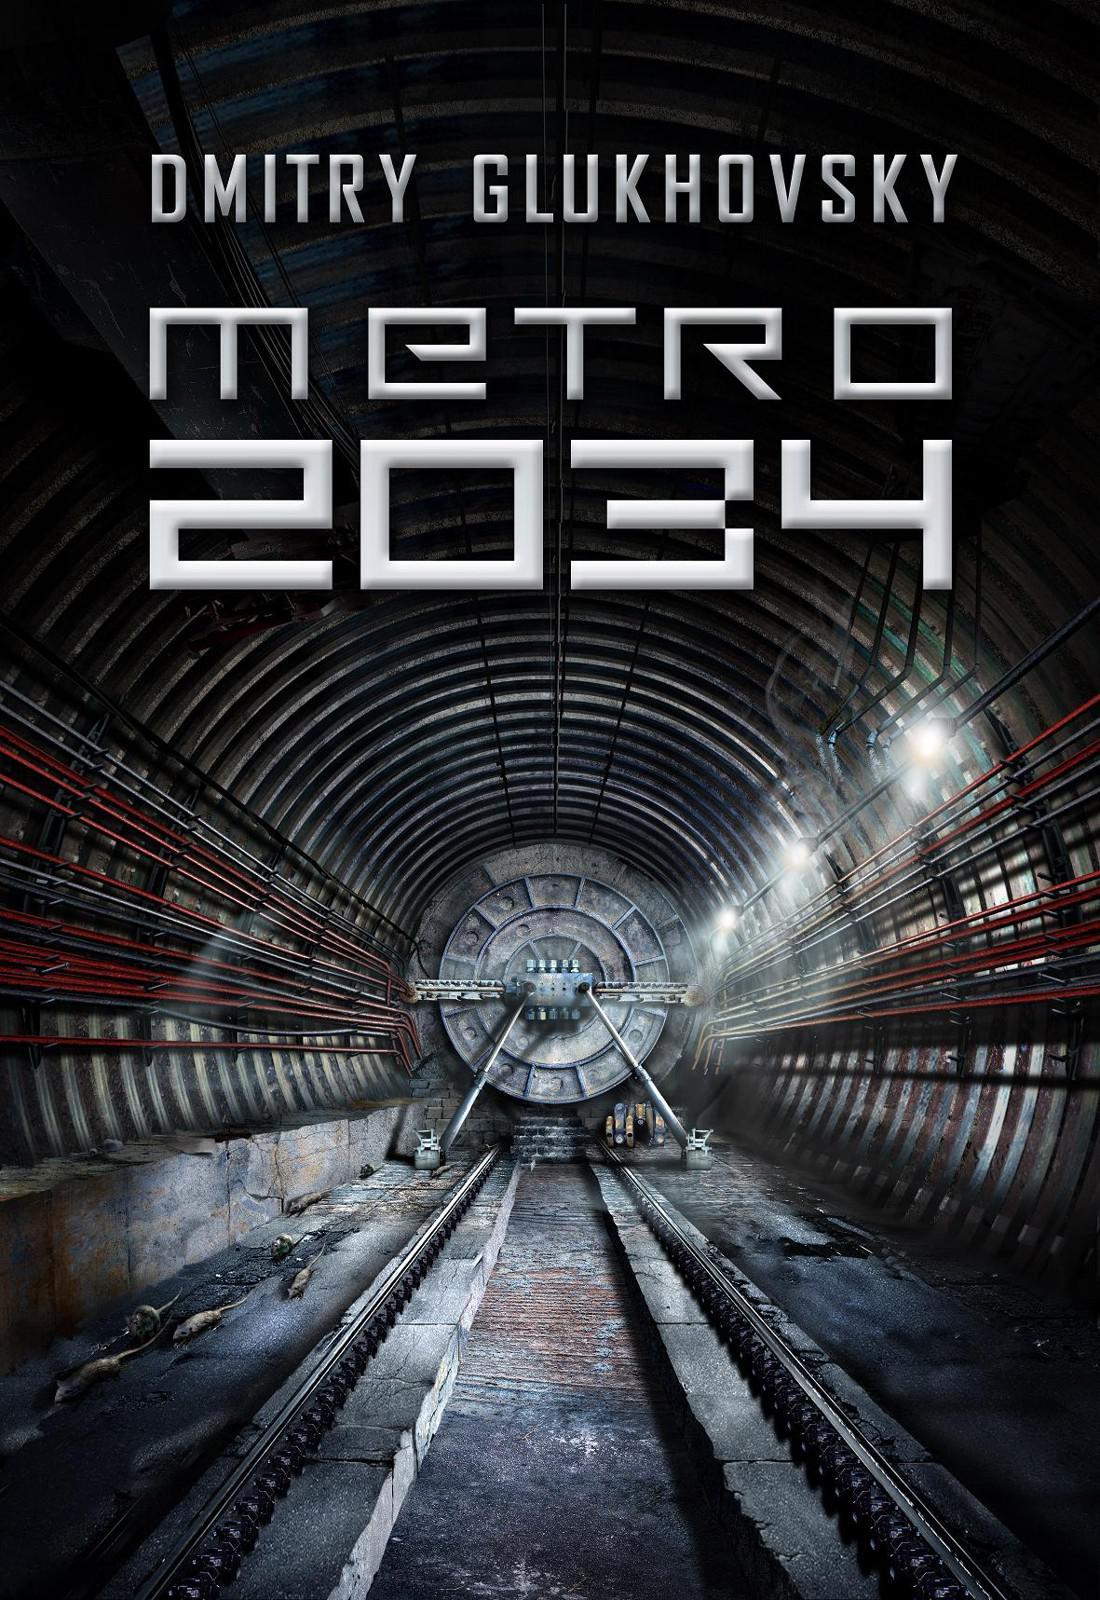 Дмитрий глуховский метро 2033. Метро 2034 скачать книгу fb2 txt.